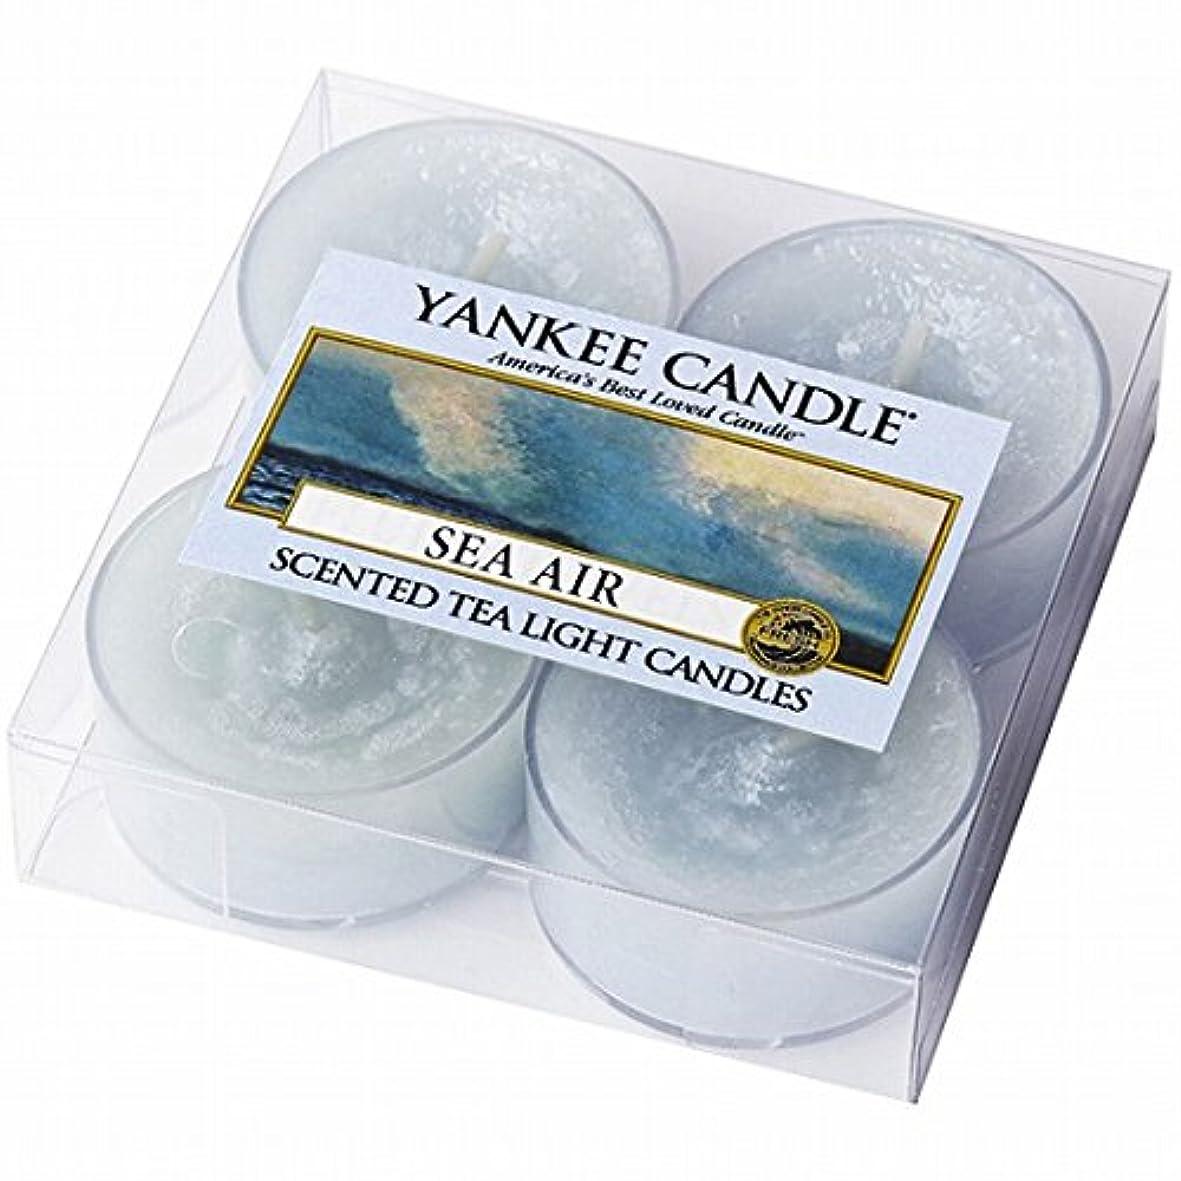 関係する不毛放課後YANKEE CANDLE(ヤンキーキャンドル) YANKEE CANDLE クリアカップティーライト4個入り 「シーエアー」(K00205293)